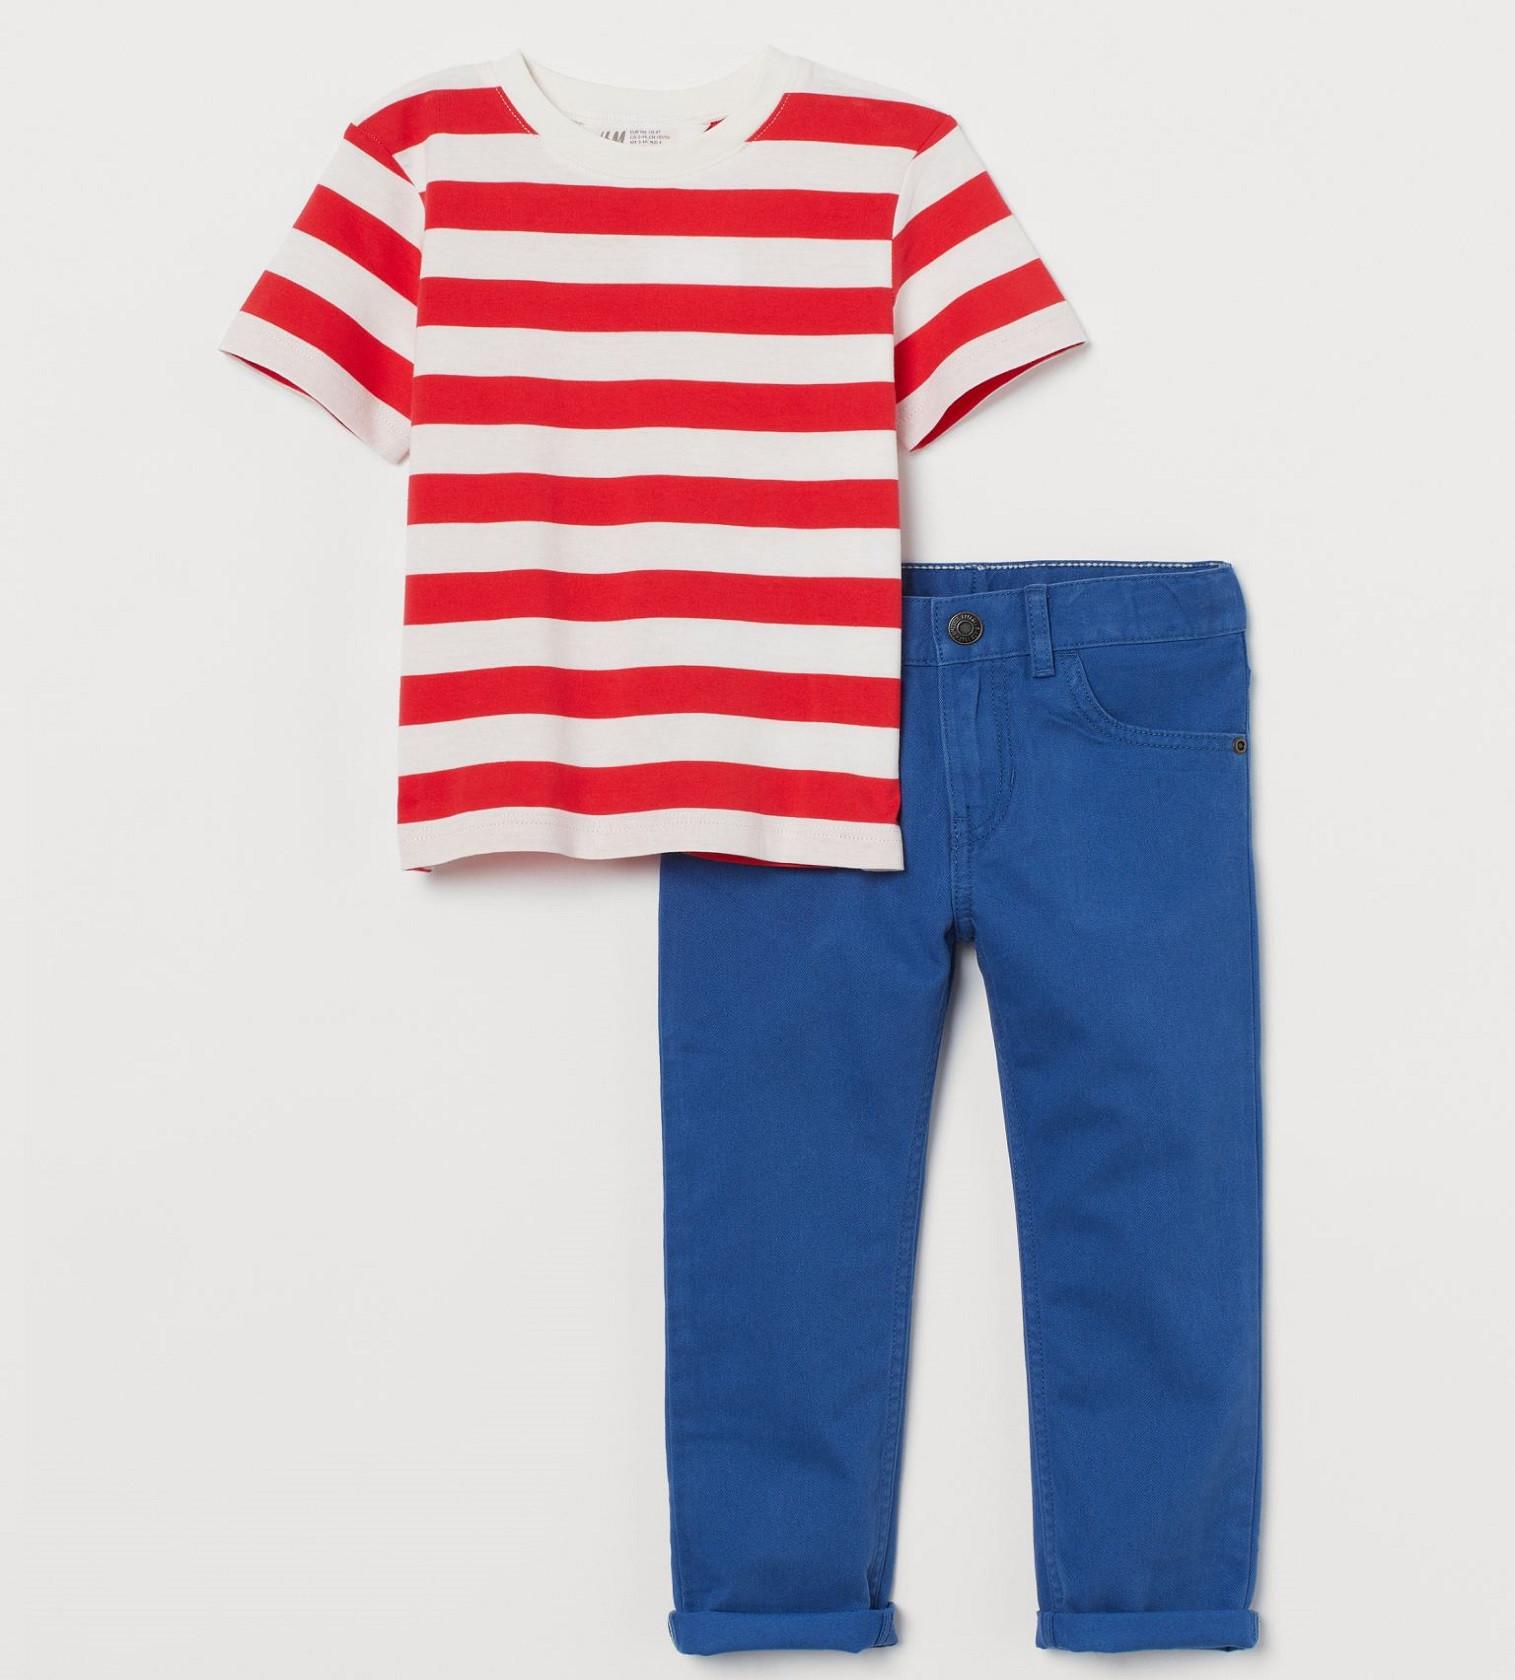 Купити Набір H&M cotton set: Blue/Striped - фото 1